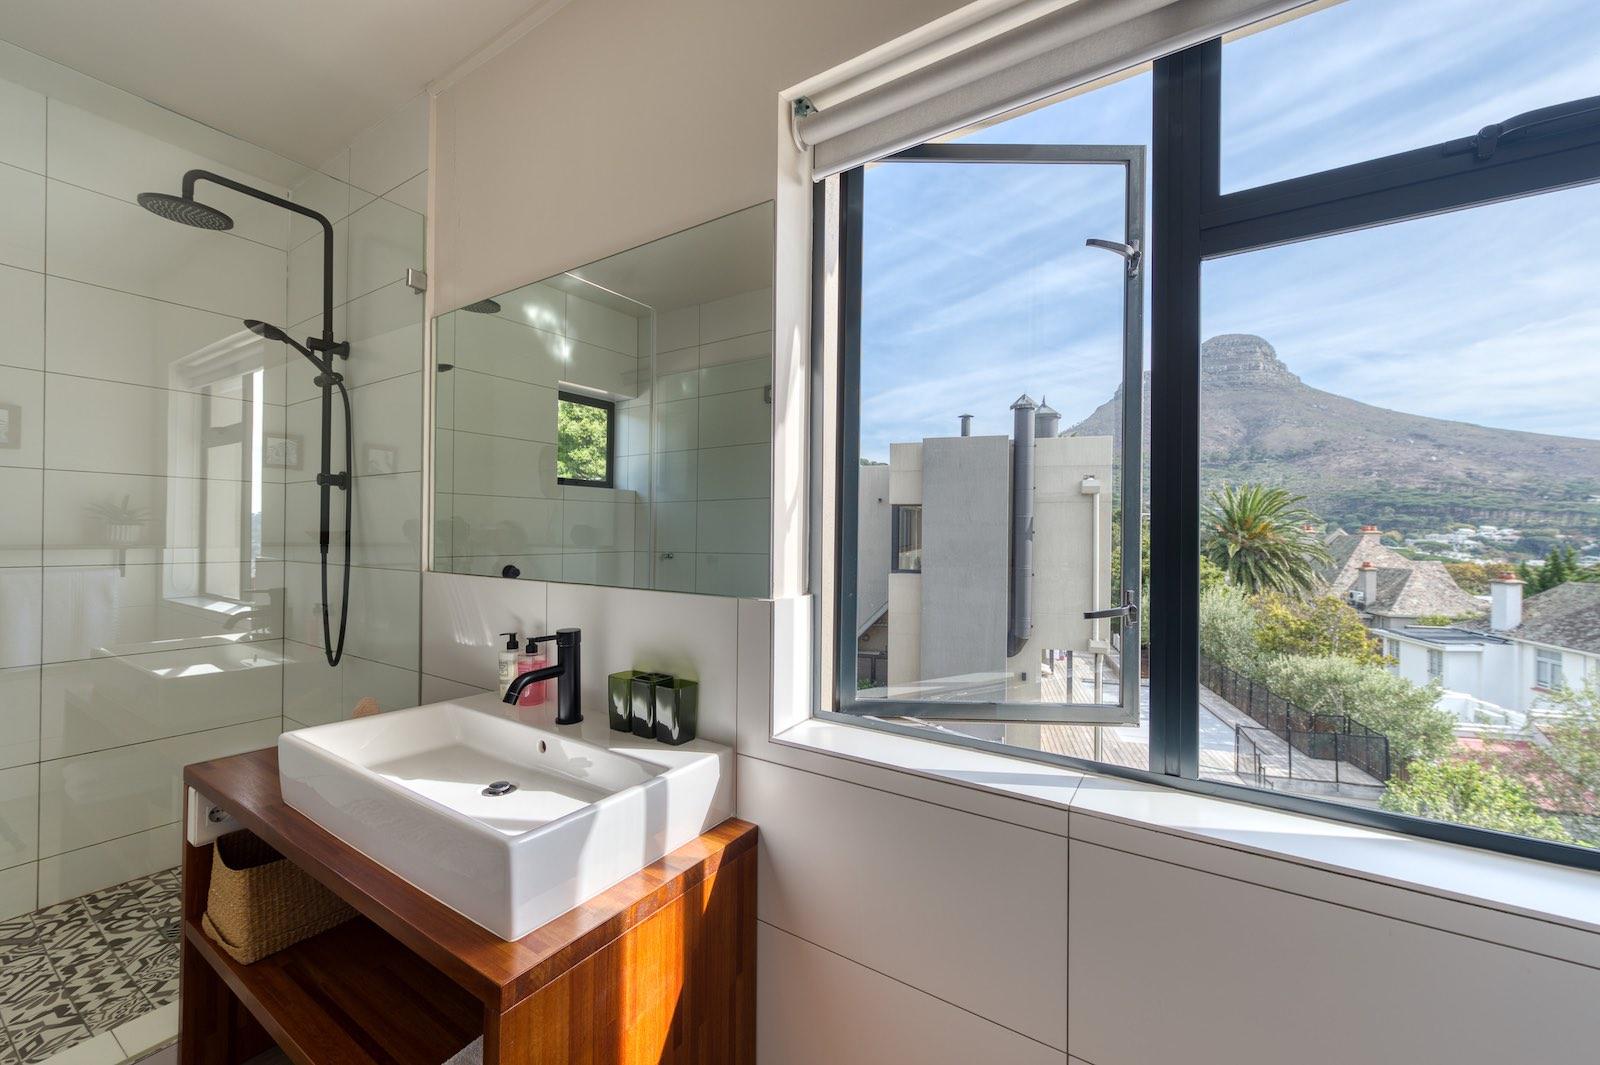 ROOM 6 de Tafelberg 075